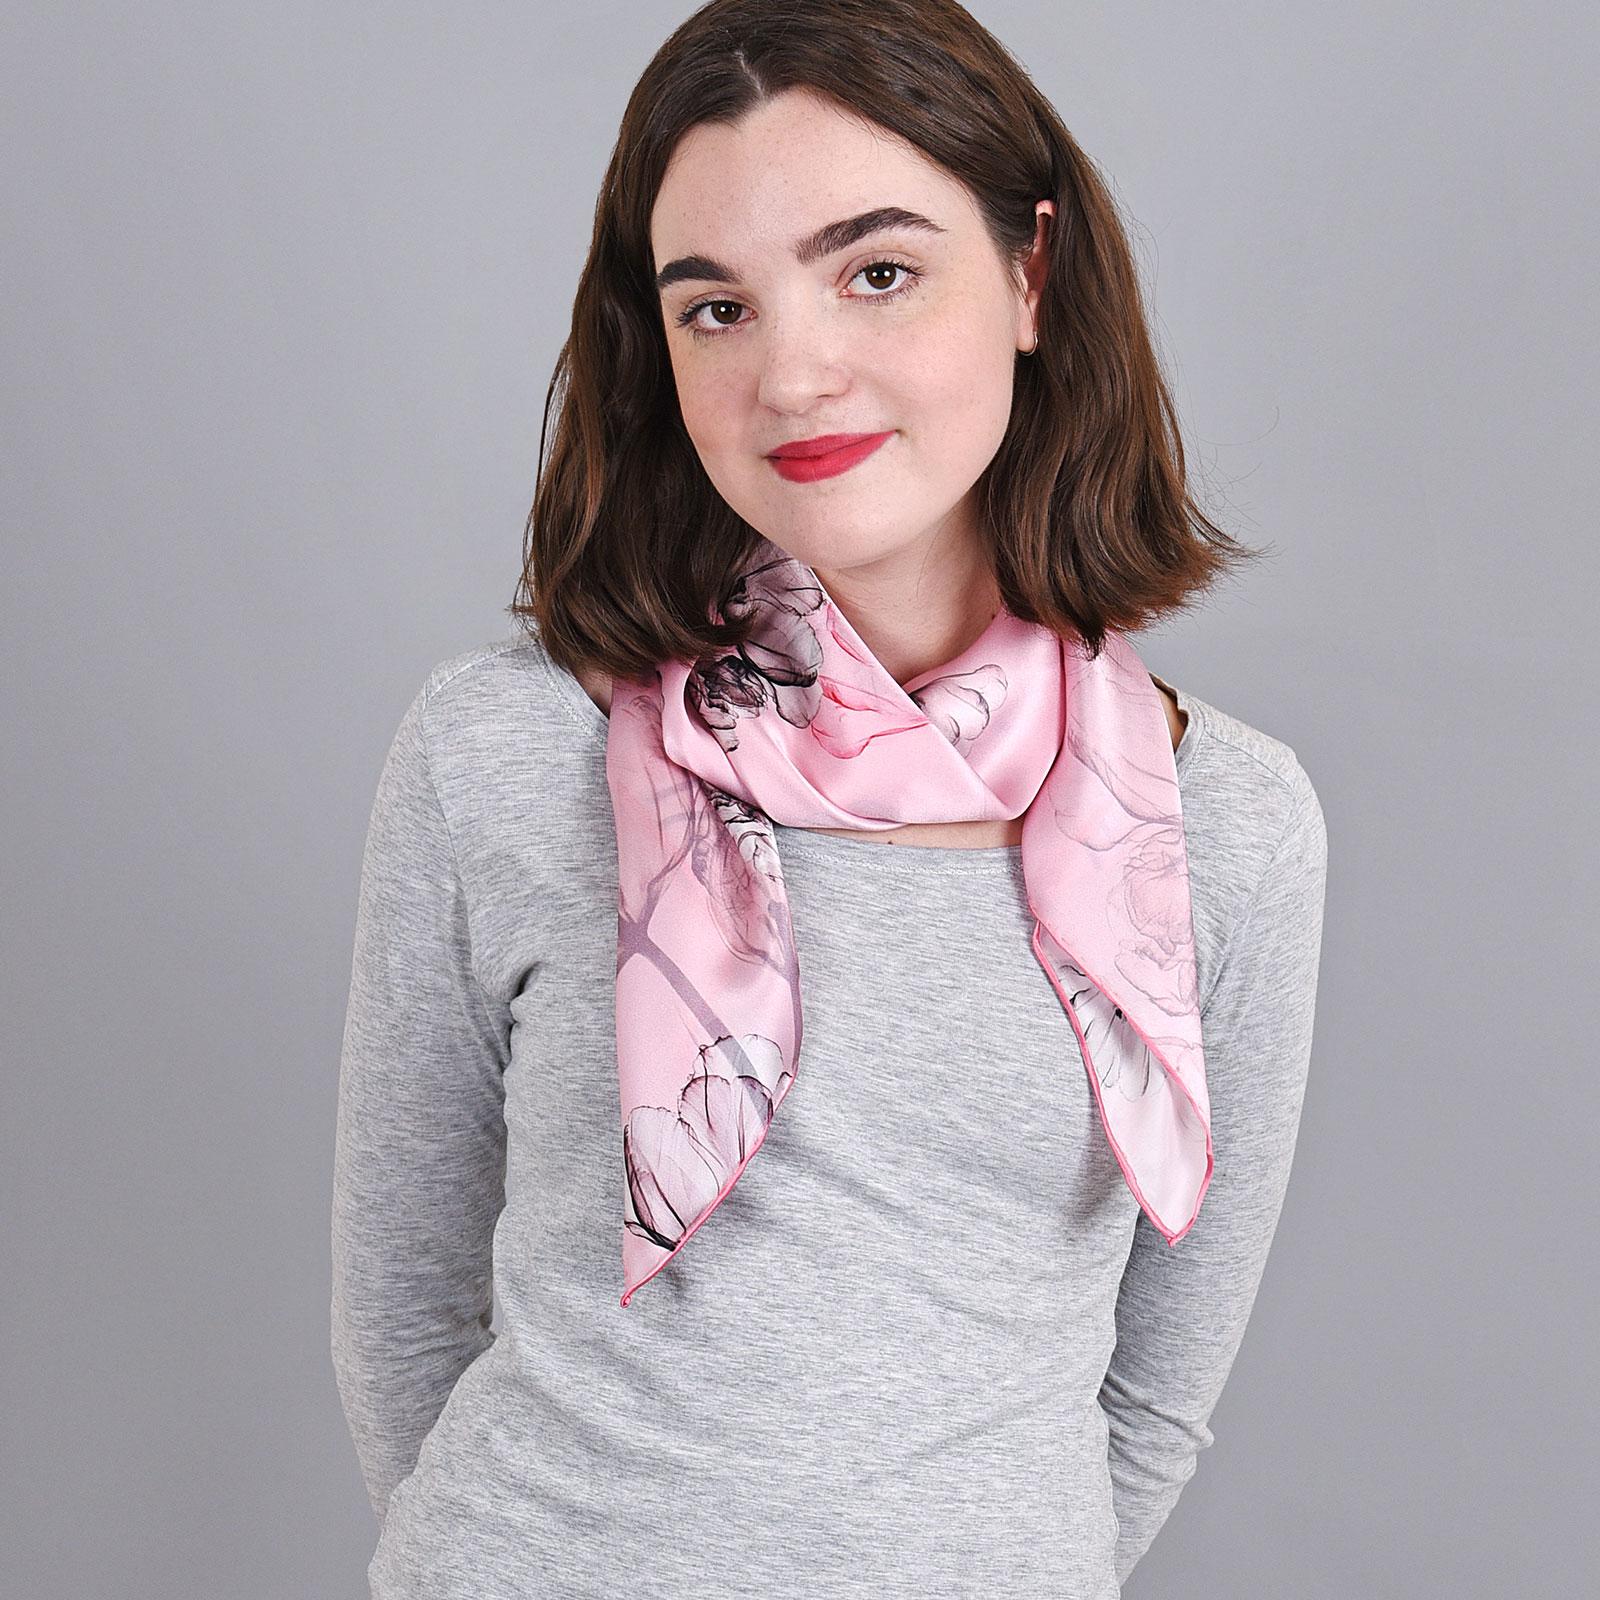 b4899acb838d Carré de soie - Allée du foulard